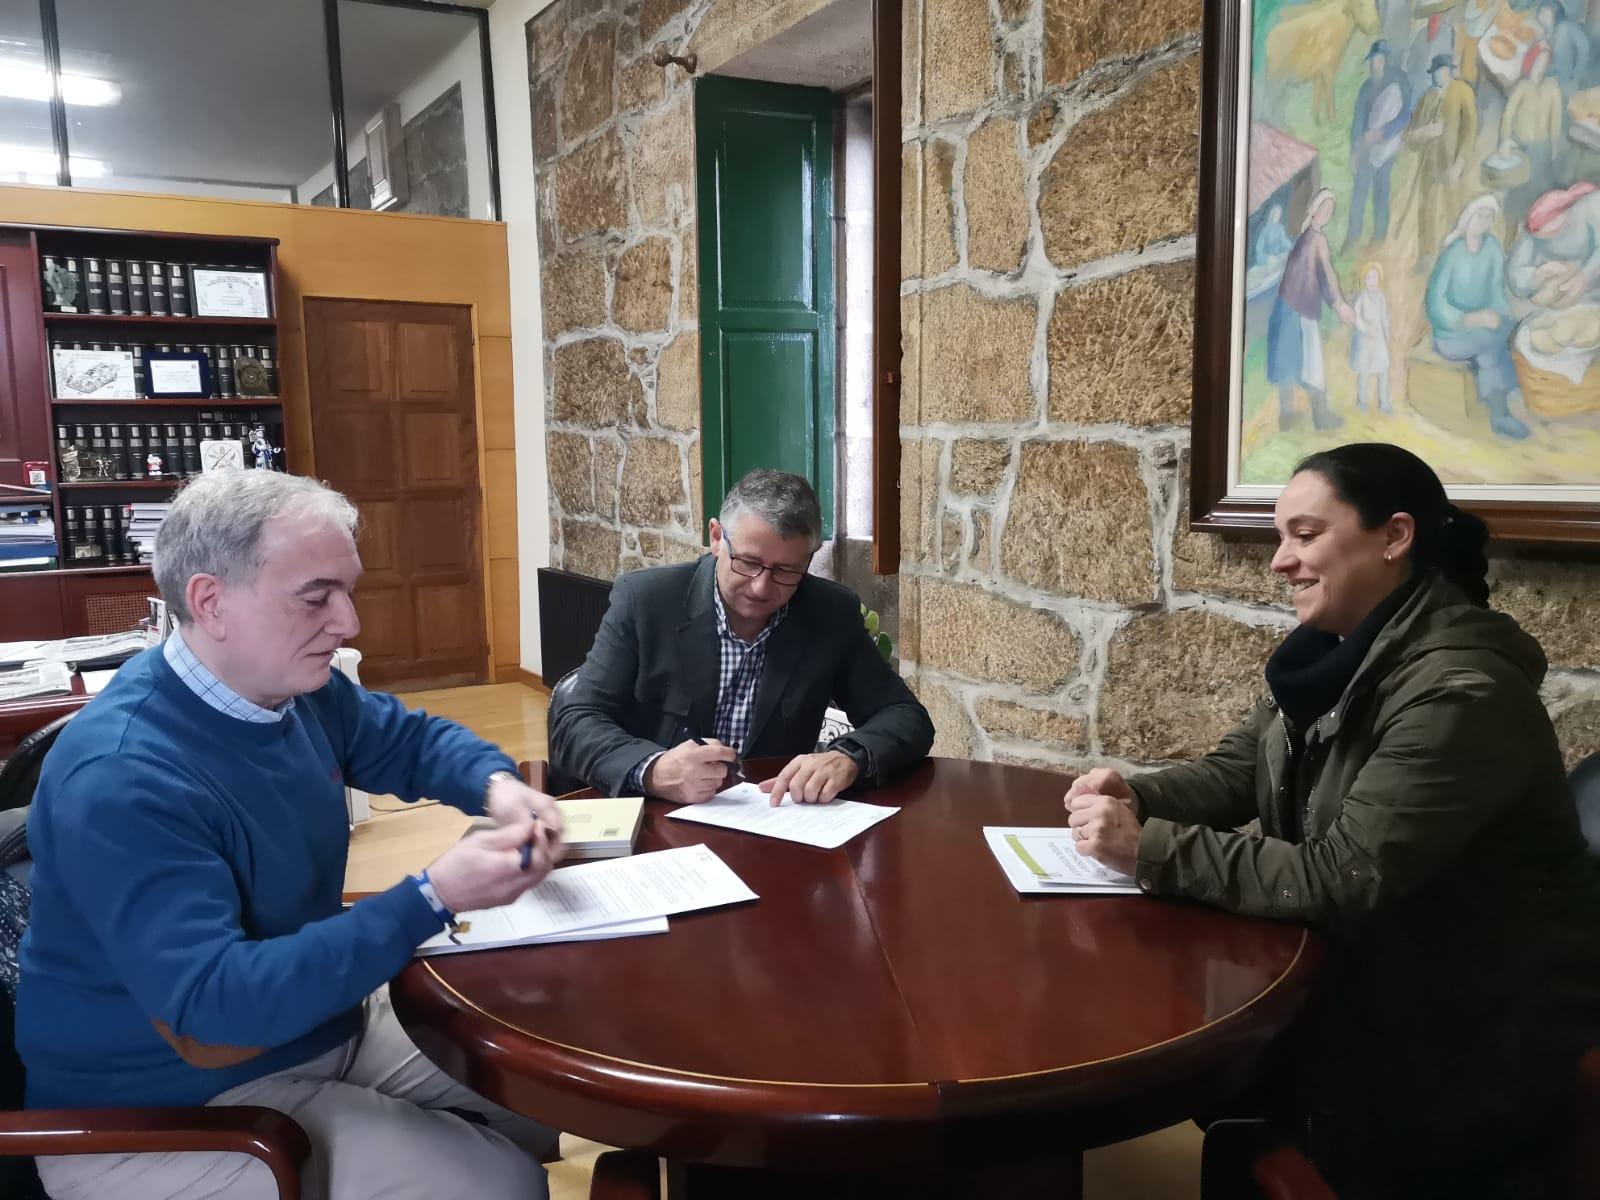 O Concello de Silleda e Afapo asinan o convenio para continuar mellorando o Programa de Atención Integral a Persoas con Alzheimer e as súas familias